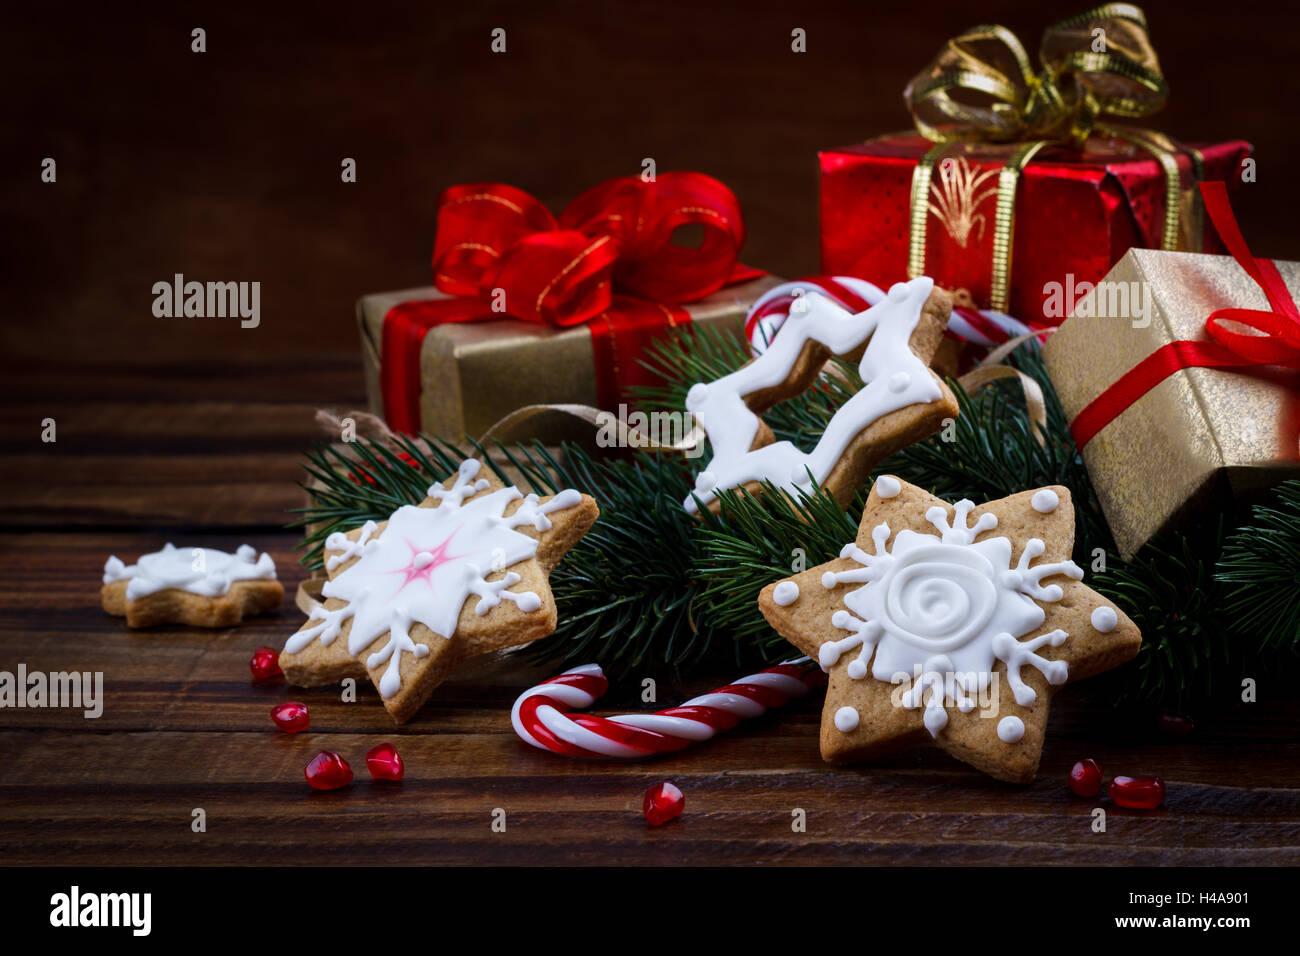 Glückwünsche Zu Weihnachten.Herzlichen Glückwunsch Zu Weihnachten Stockfotos Herzlichen